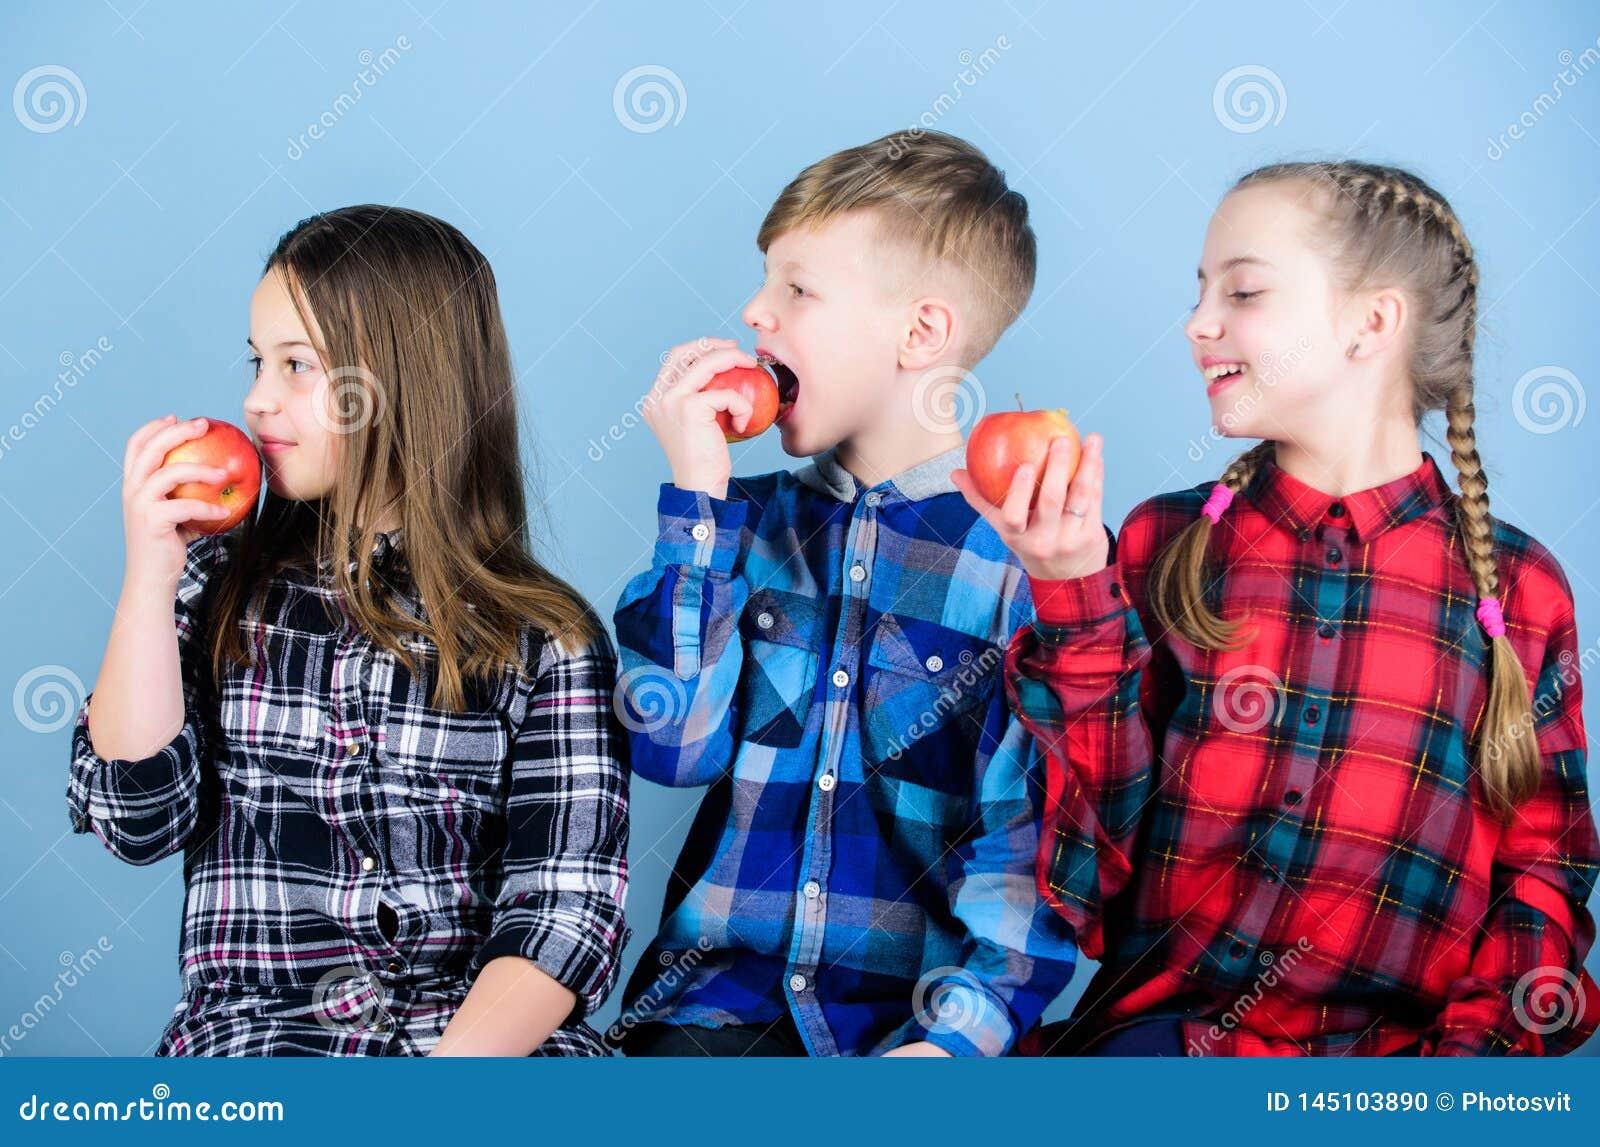 Здоровое питание dieting и витамина Съешьте плод и быть здоровый Время закуски школы Иметь вкусную закуску Подростки группы